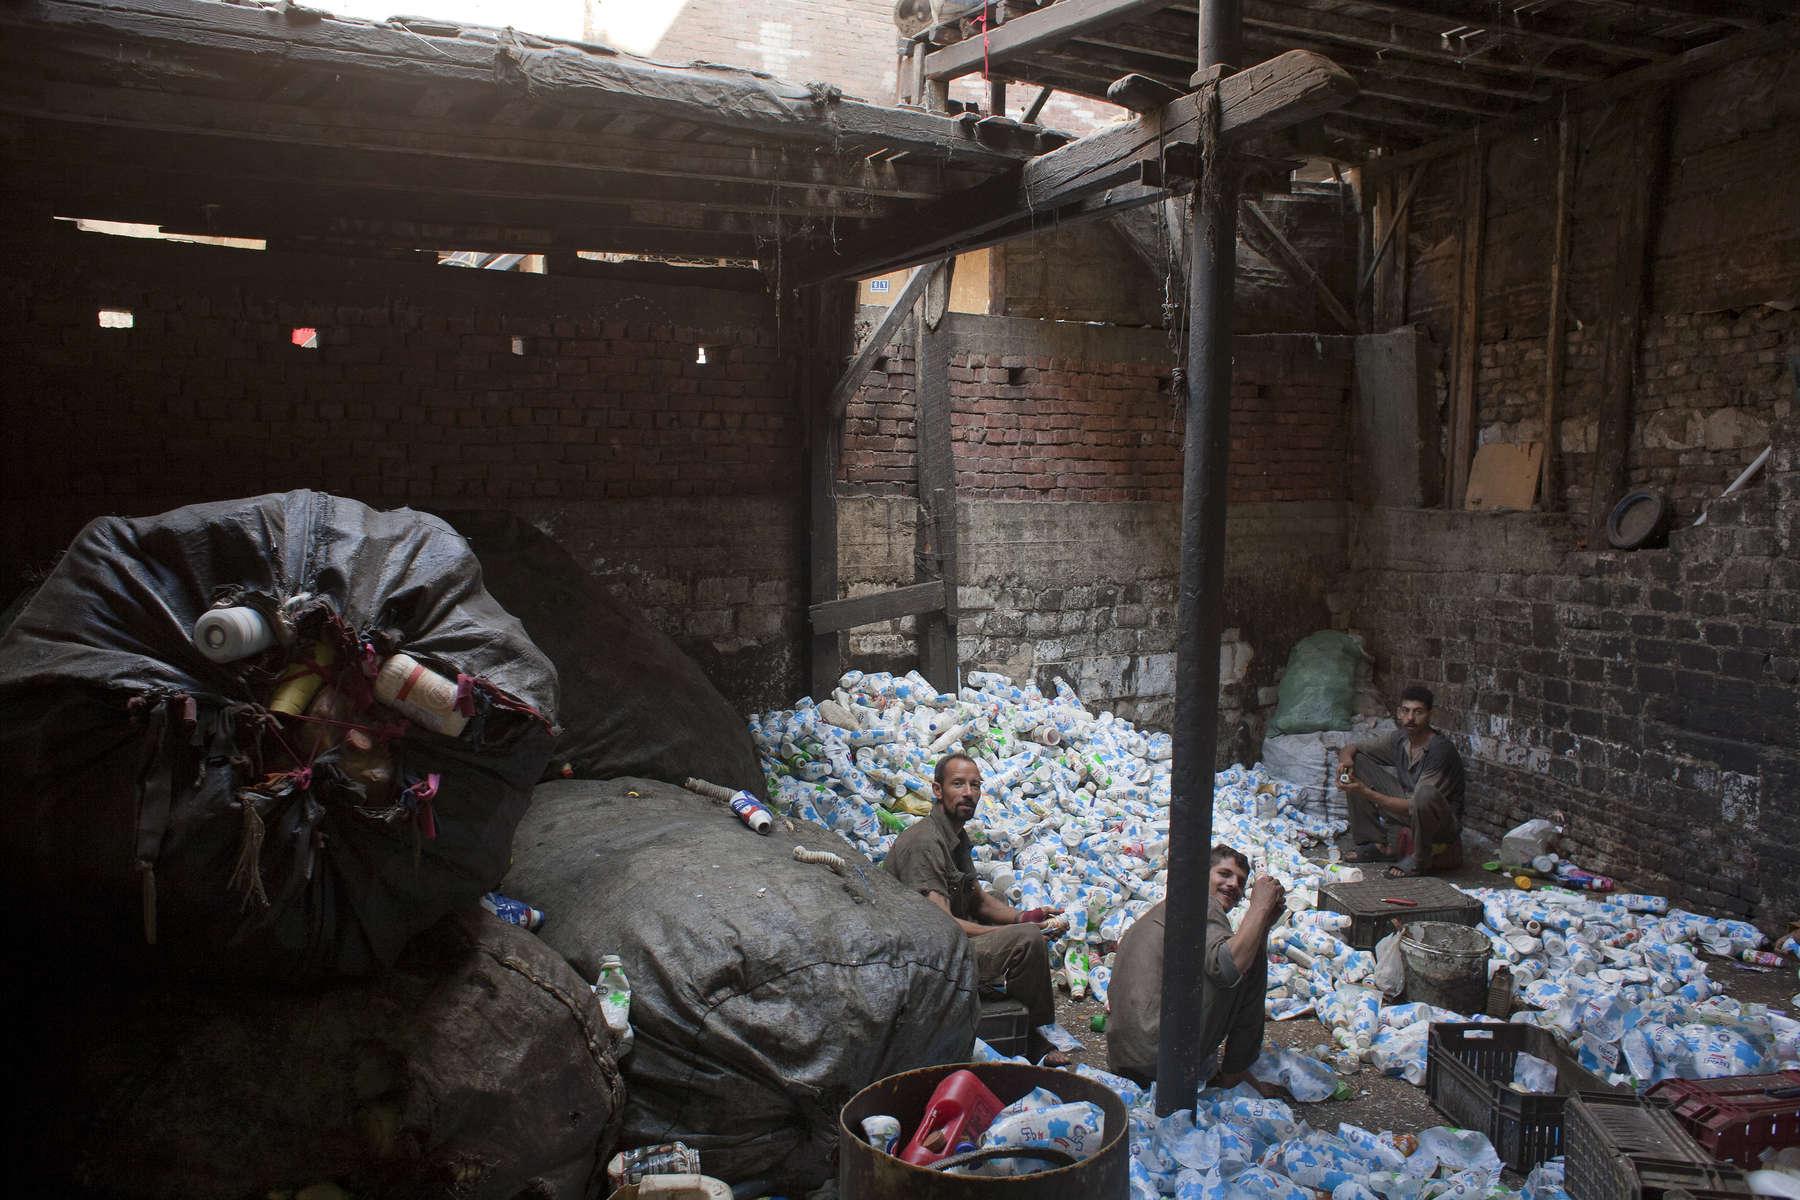 Zabaleen of Moqqatam - Recycler